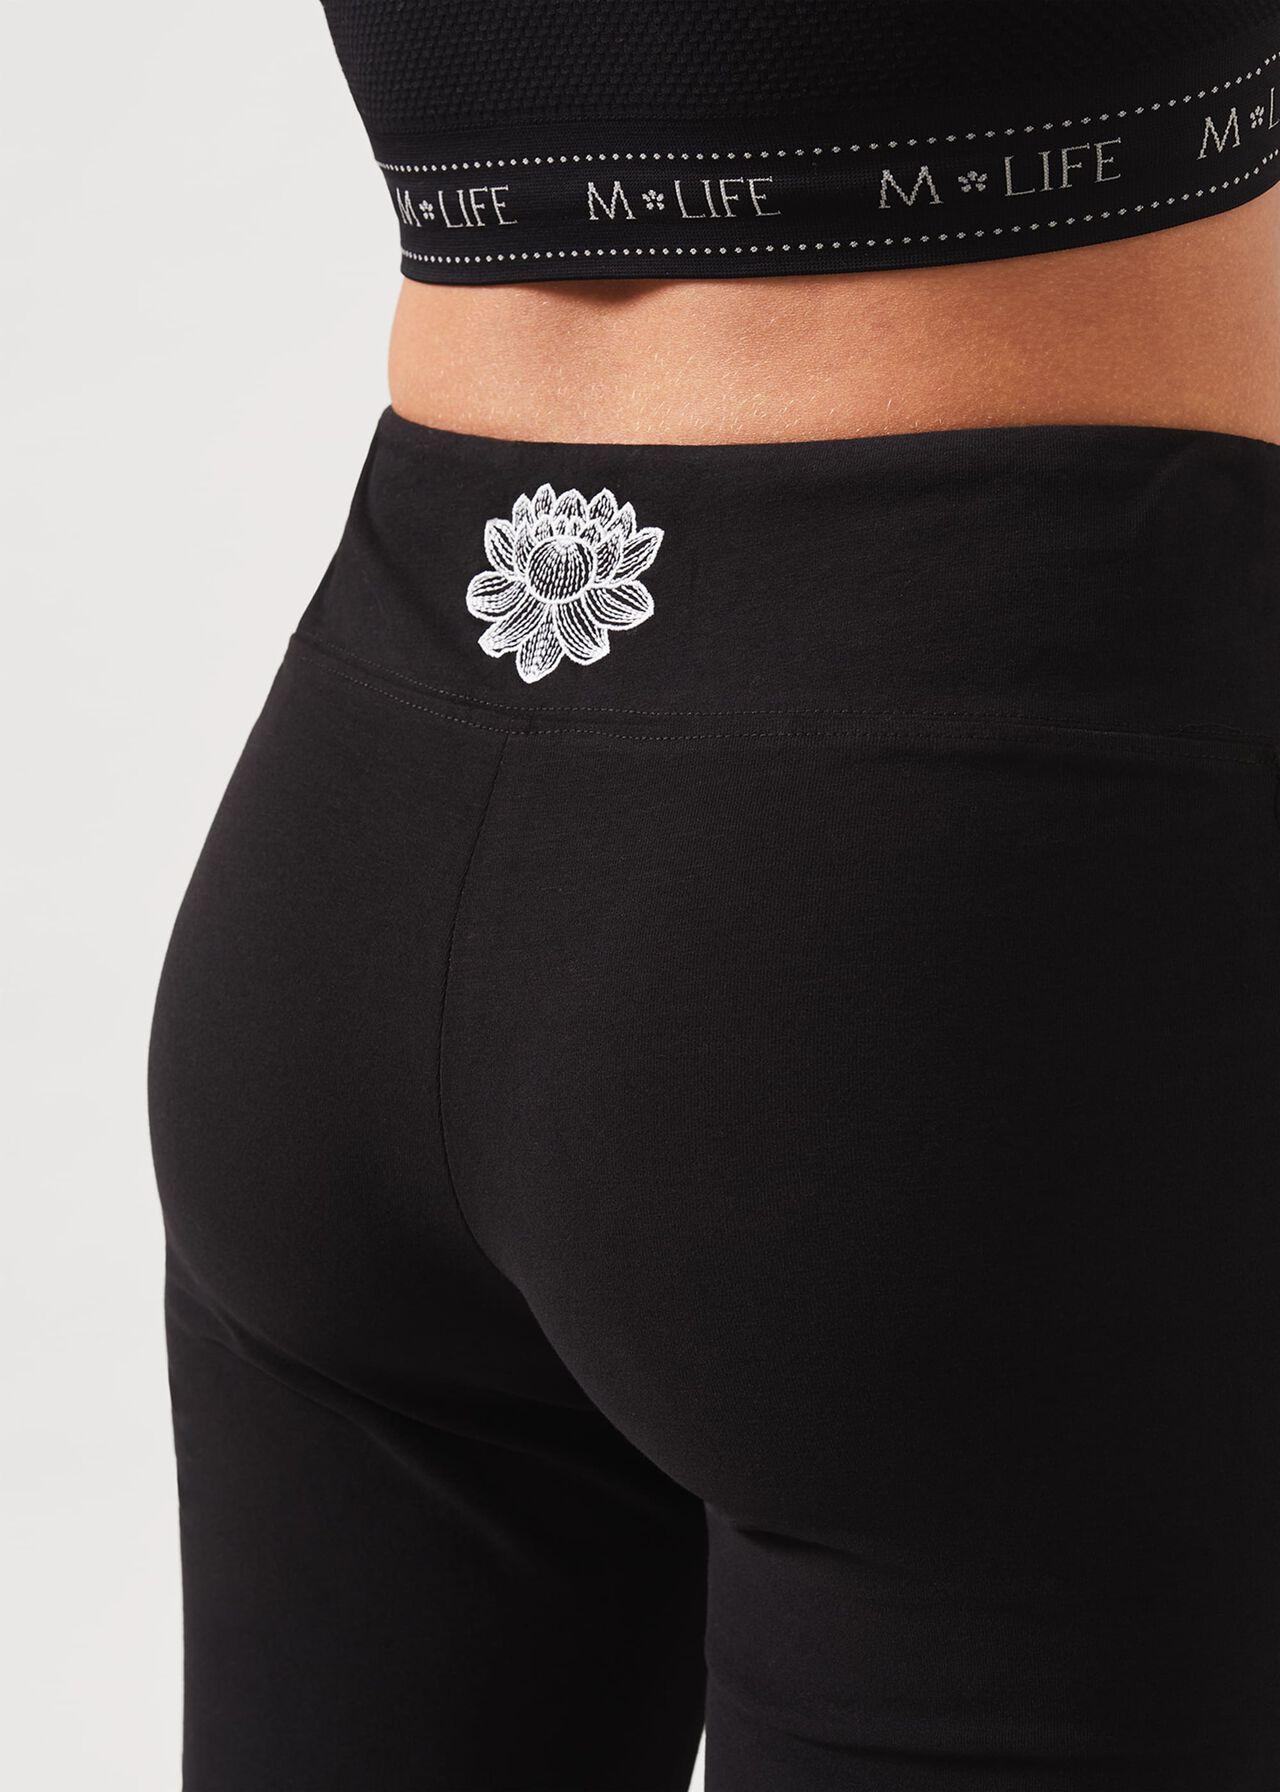 Lotus Yoga Trousers